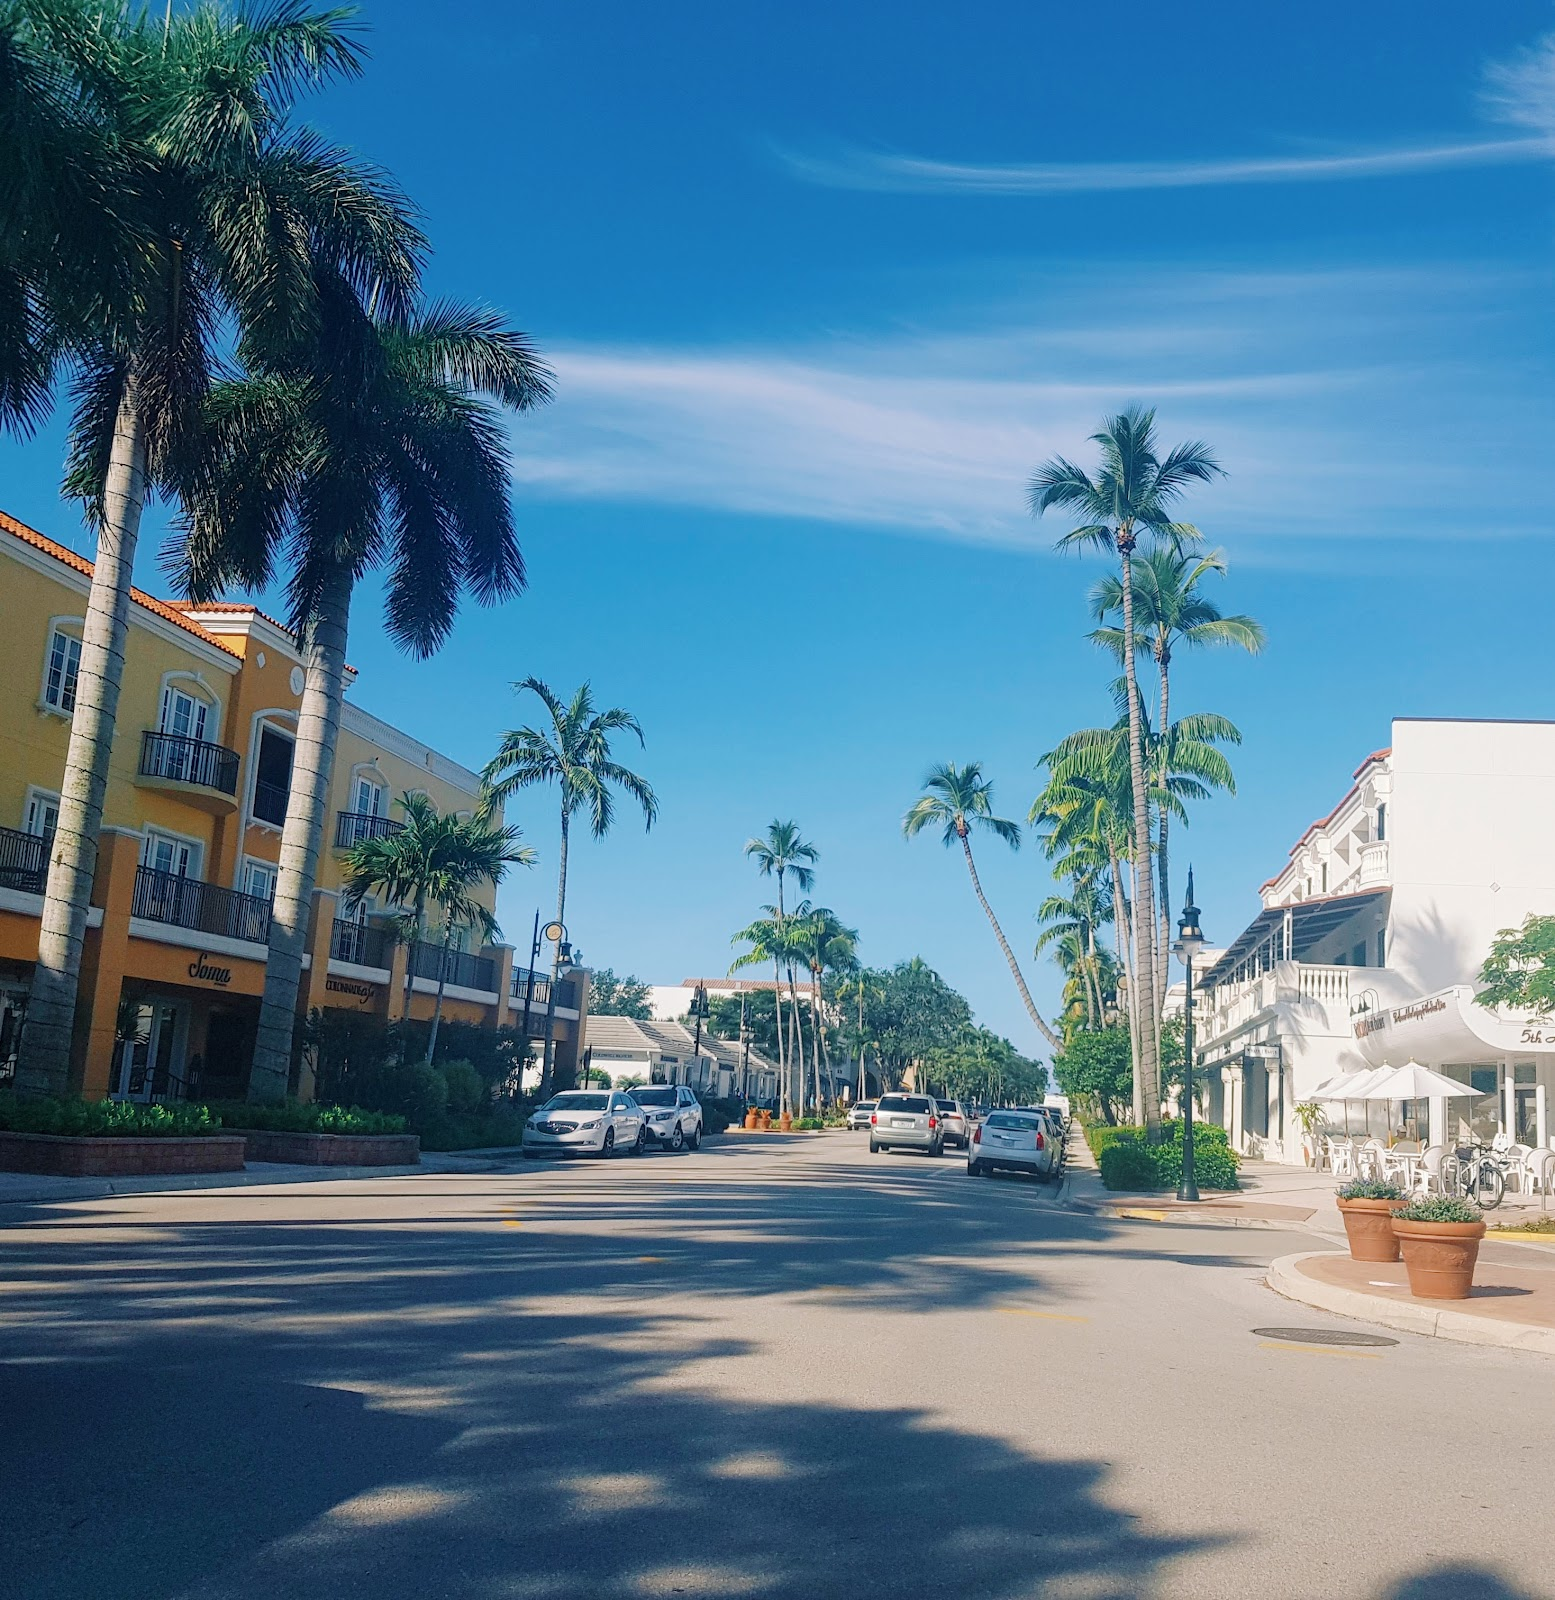 ביקור בנייפלס פלורידה טיול בארצות הברית לאן ללכת איפה לטייל מקומות ששווה להגיע אליהם